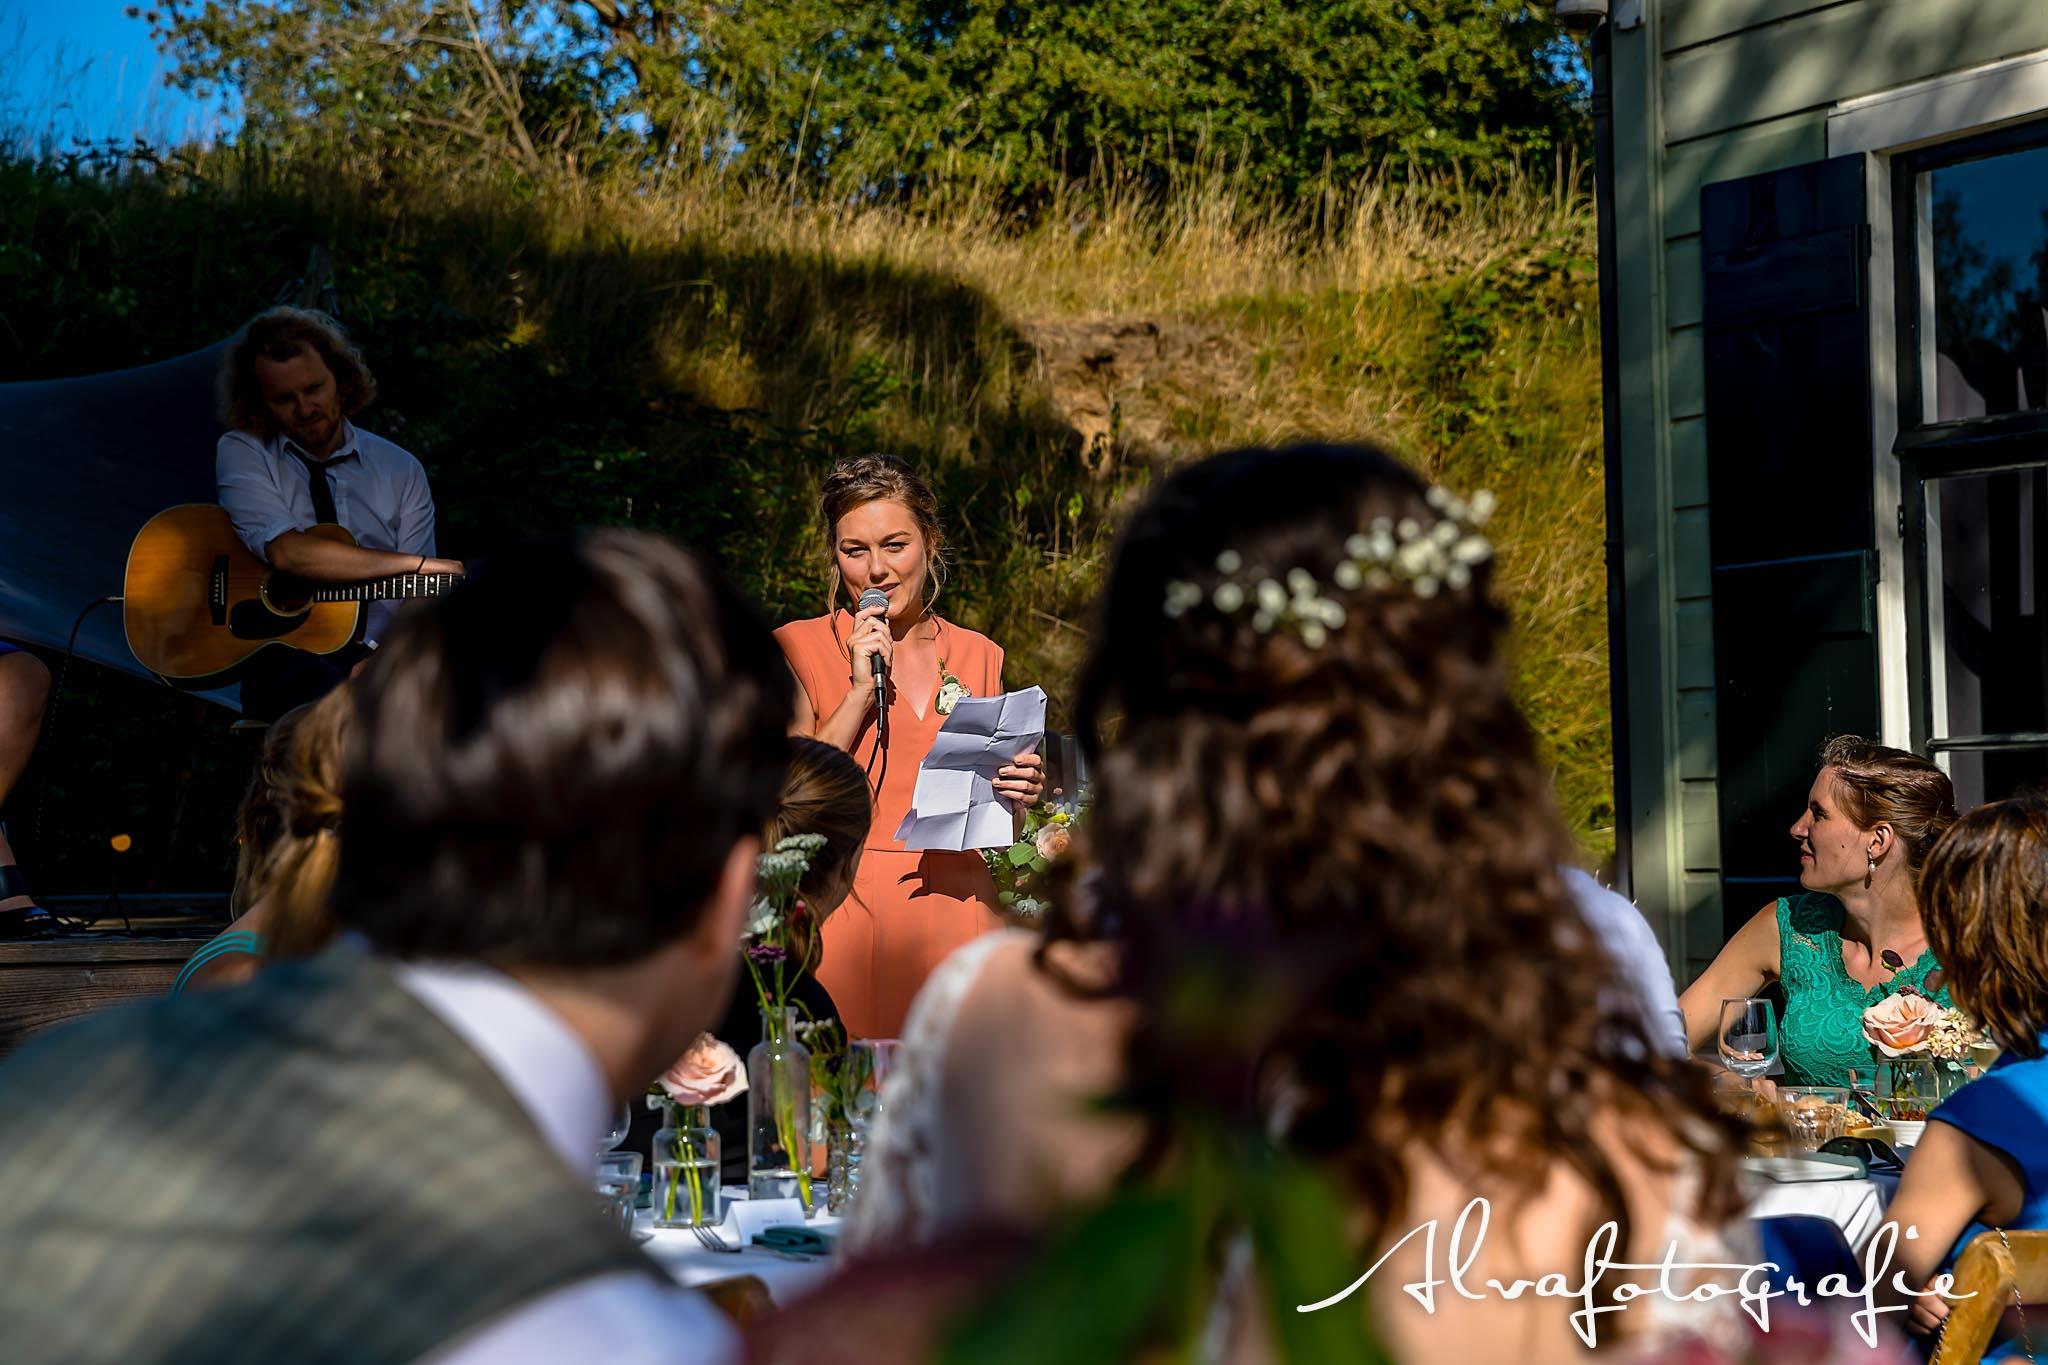 Bruiloft Maren en Tim Alvafotografie vriendin speech